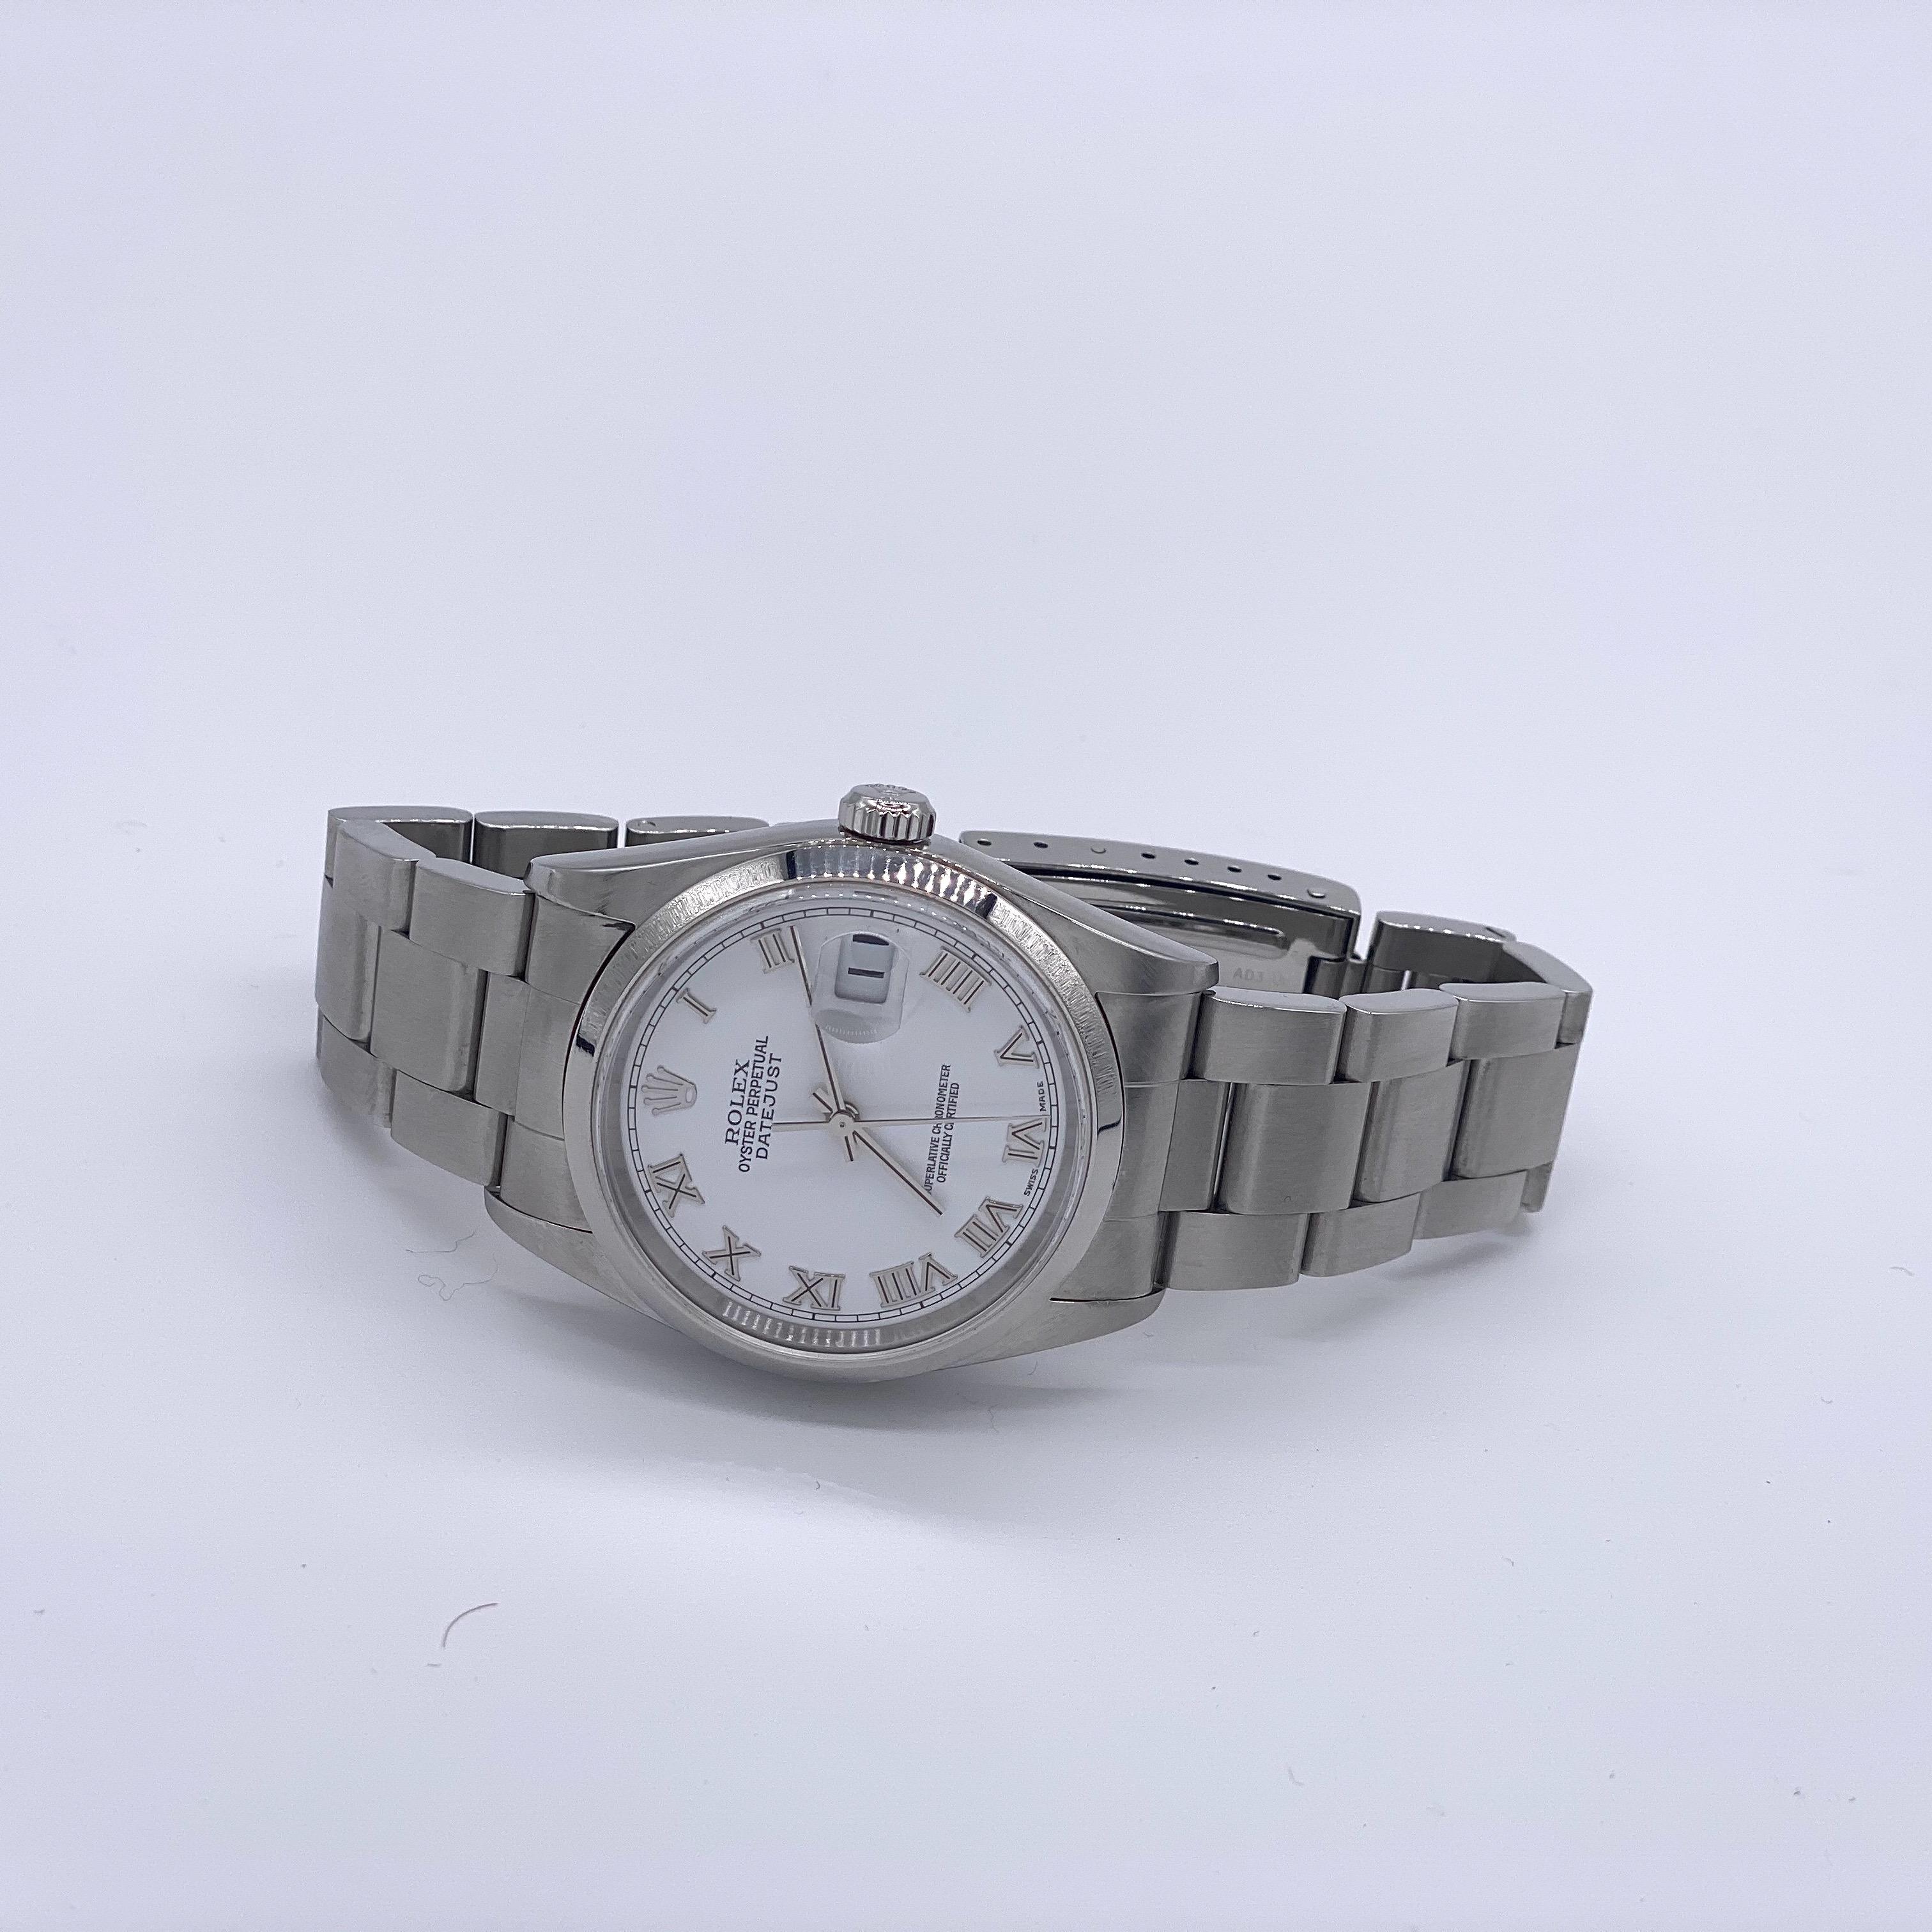 Lot 1 - Rolex Datejust 16200